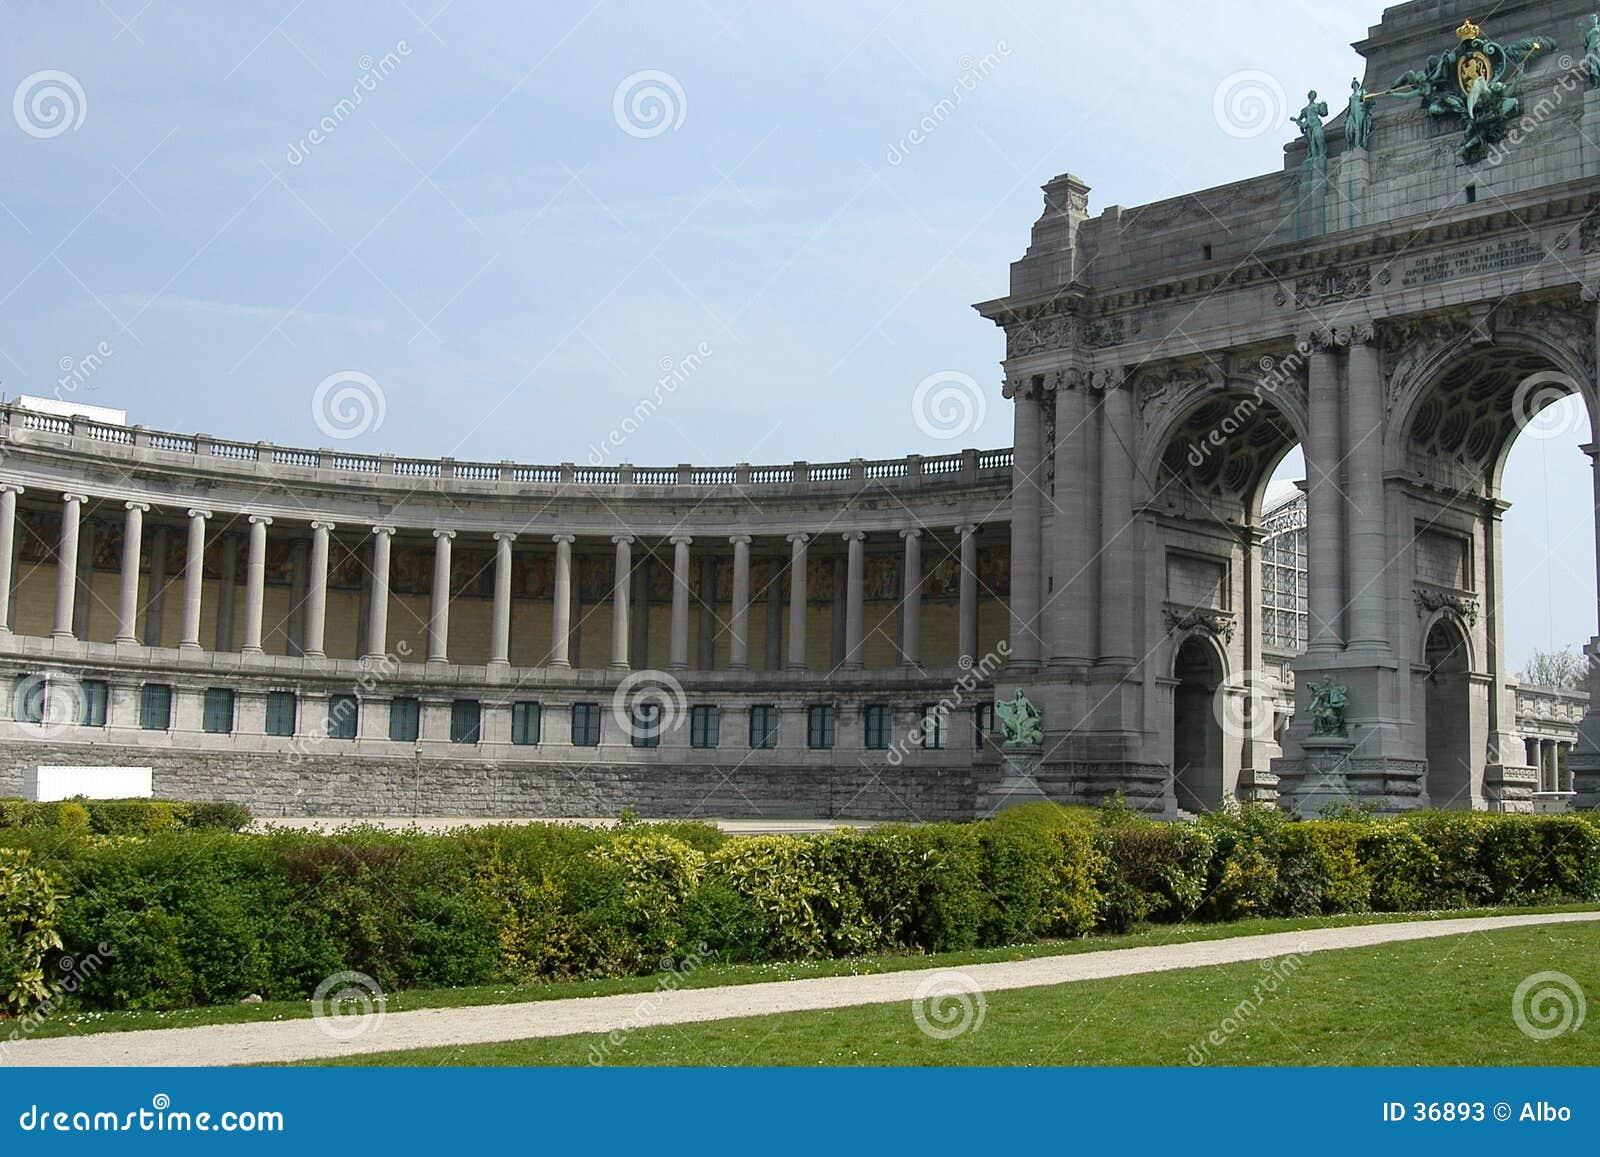 Bruxelles: Parc du Cinquantenaire